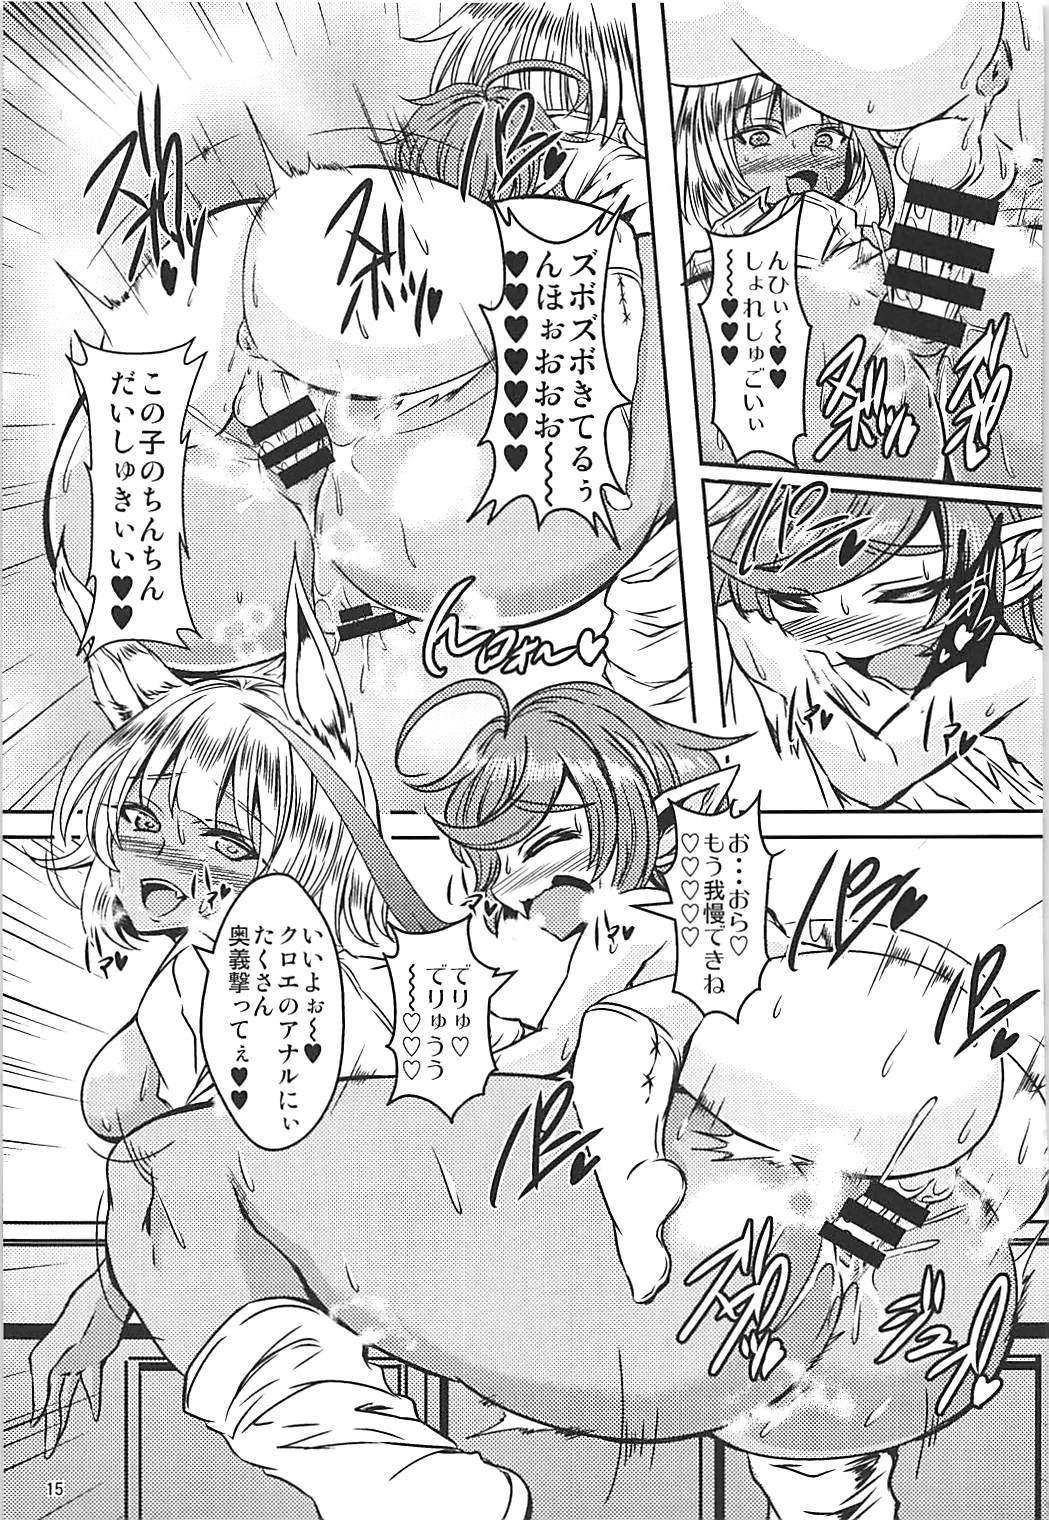 クロエのぉフェラでぇ~wい~っぱいおちんちんにぃバフかけちゃうよぉwww【グラブル エロ漫画・エロ同人】 (14)